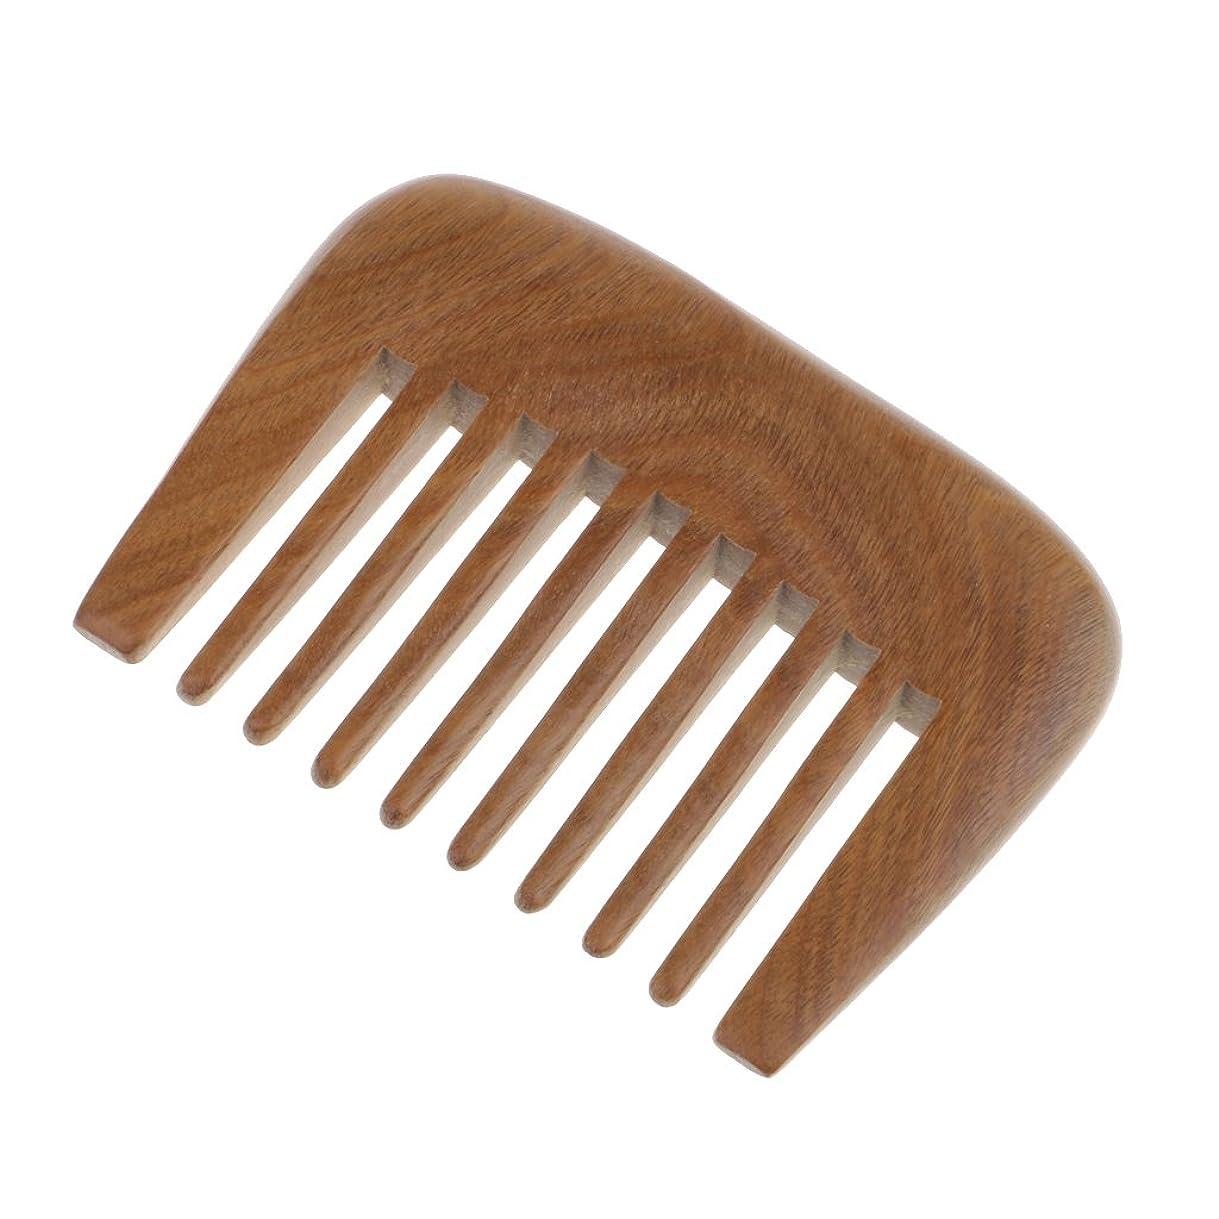 関係ない驚いたことに不忠CUTICATE 天然木広い歯の櫛Detanglerブラシ帯電防止グリーンビャクダン